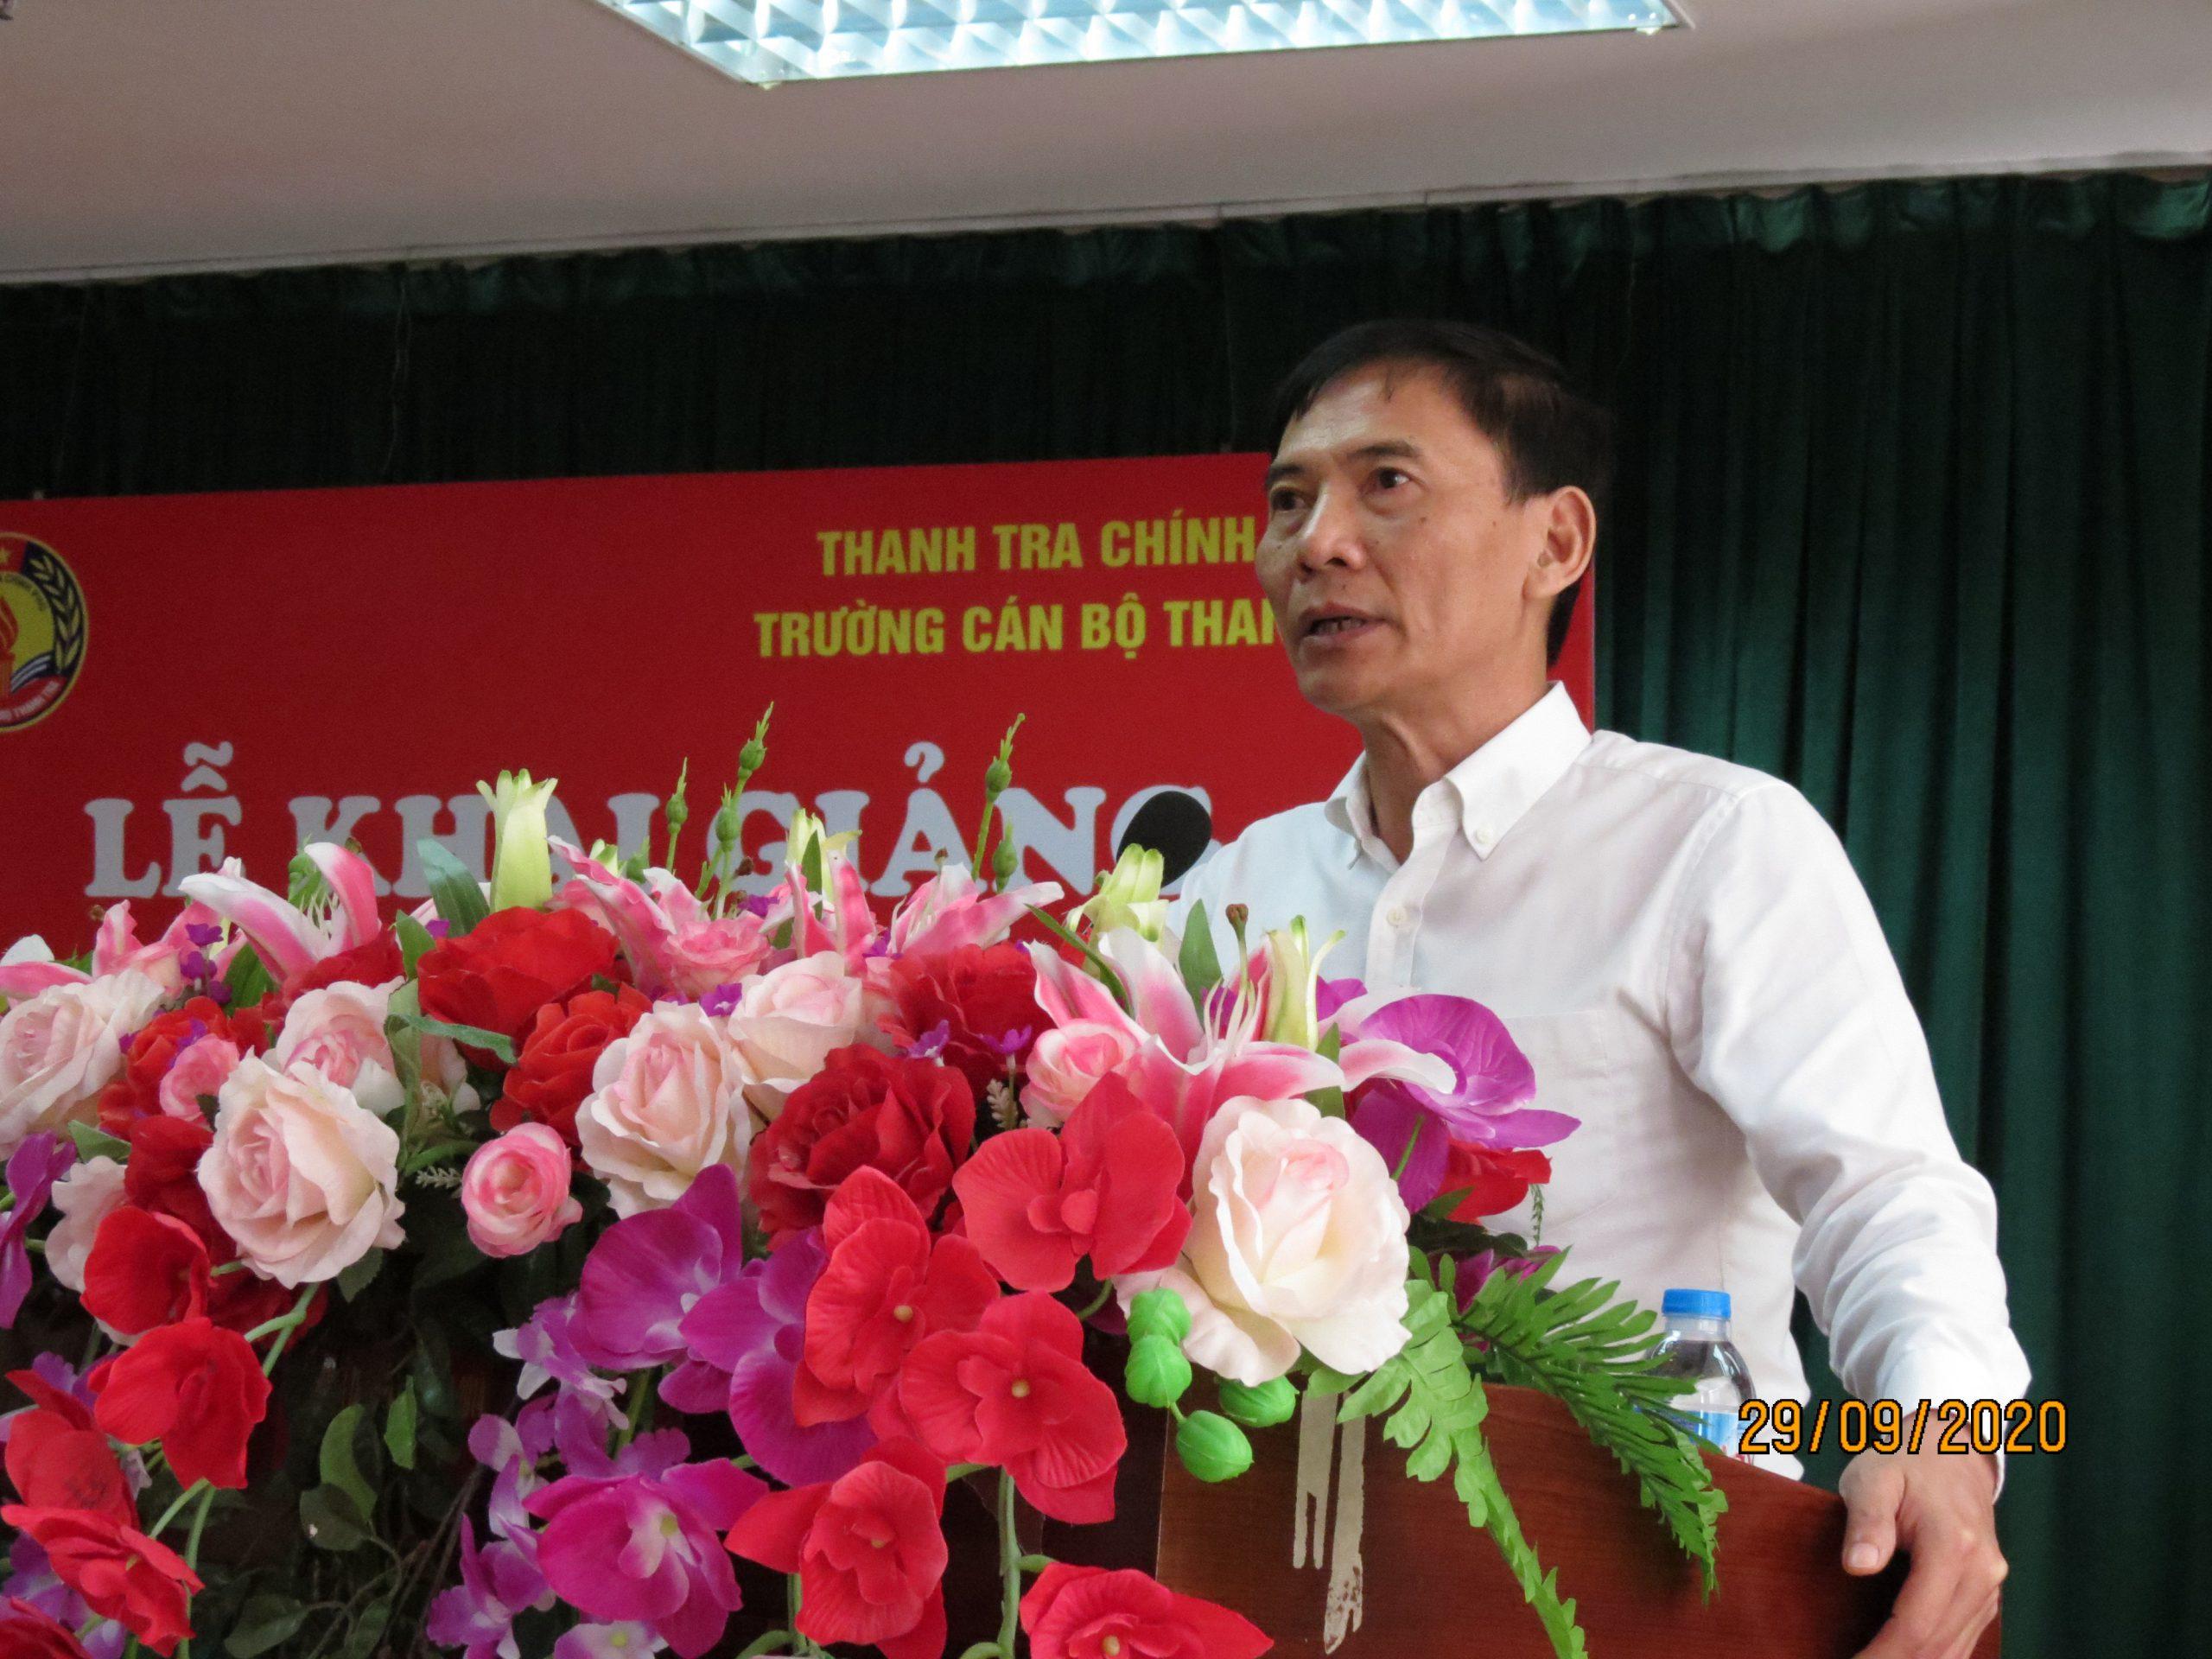 Ông Vũ Văn Chiến TTVCC HT Nhà trg phát biểu khai giảng khóa học